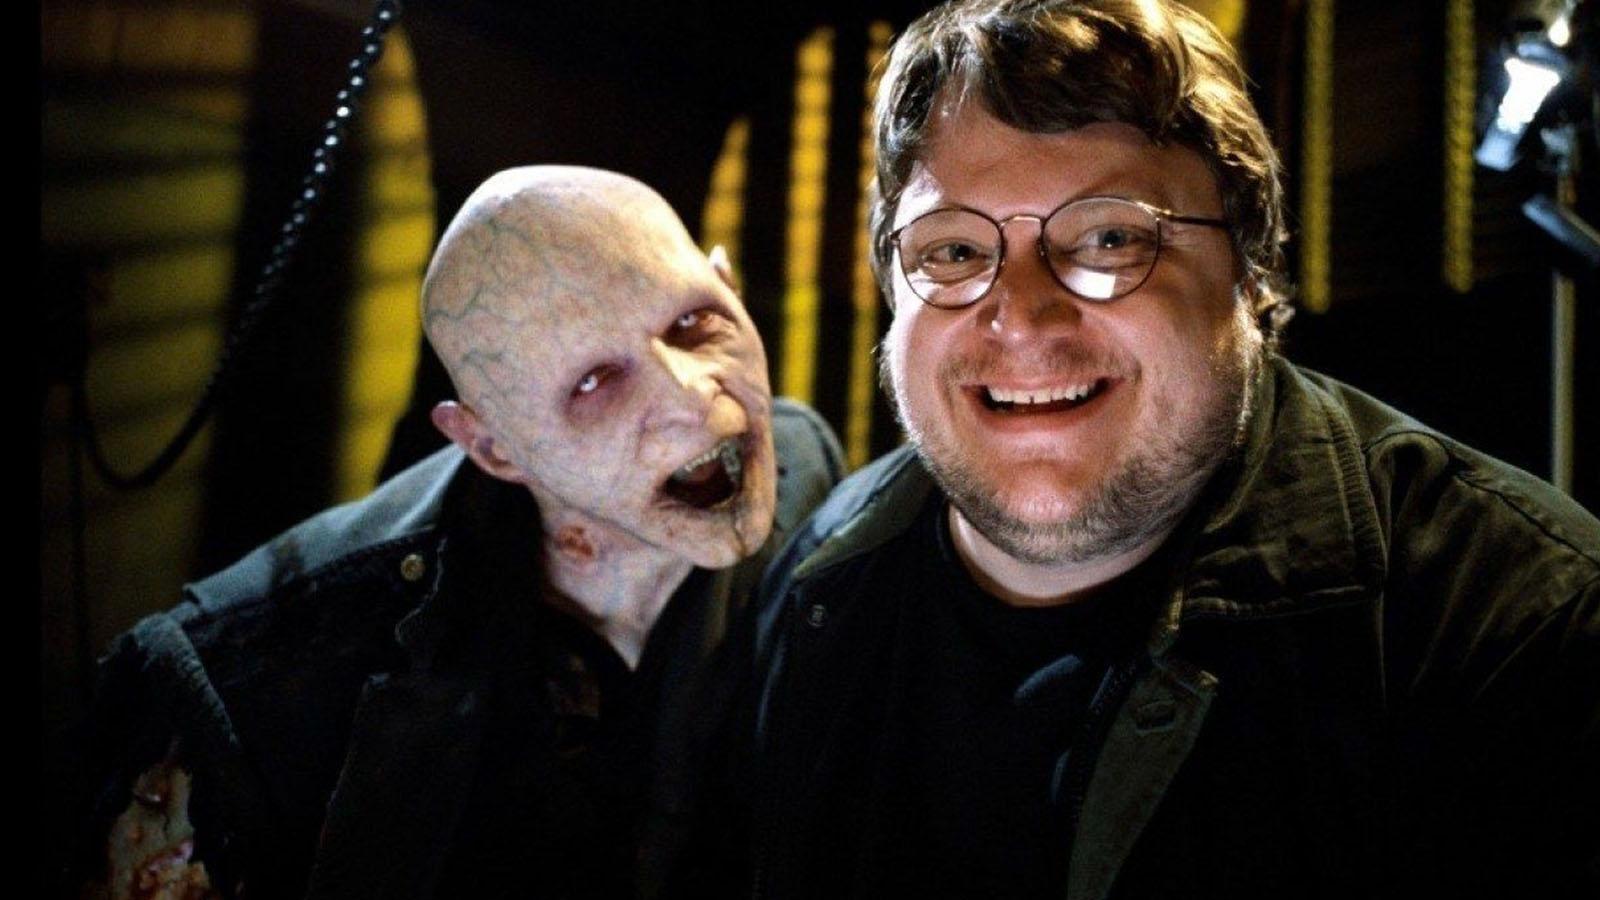 Guillermo del Toro tiene predileccion por representar a criaturas extrañas en sus peliculas (IMAGEN Warner Bros)